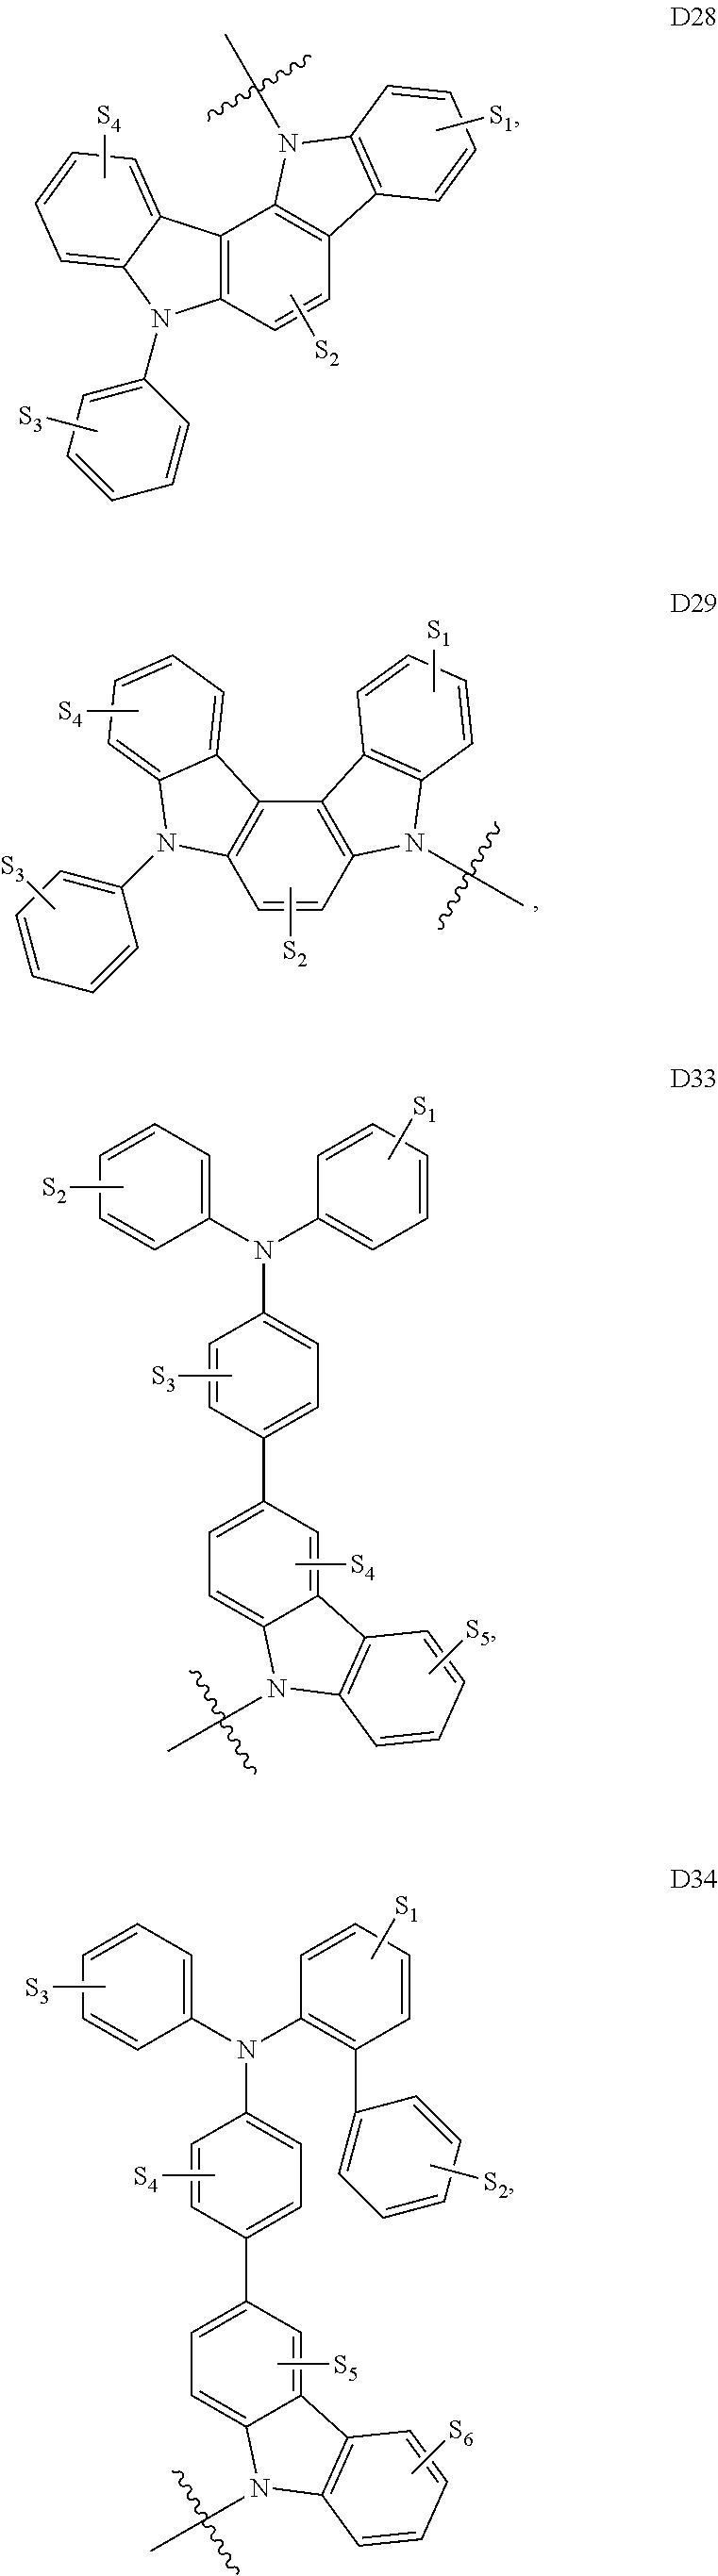 Figure US09537106-20170103-C00018